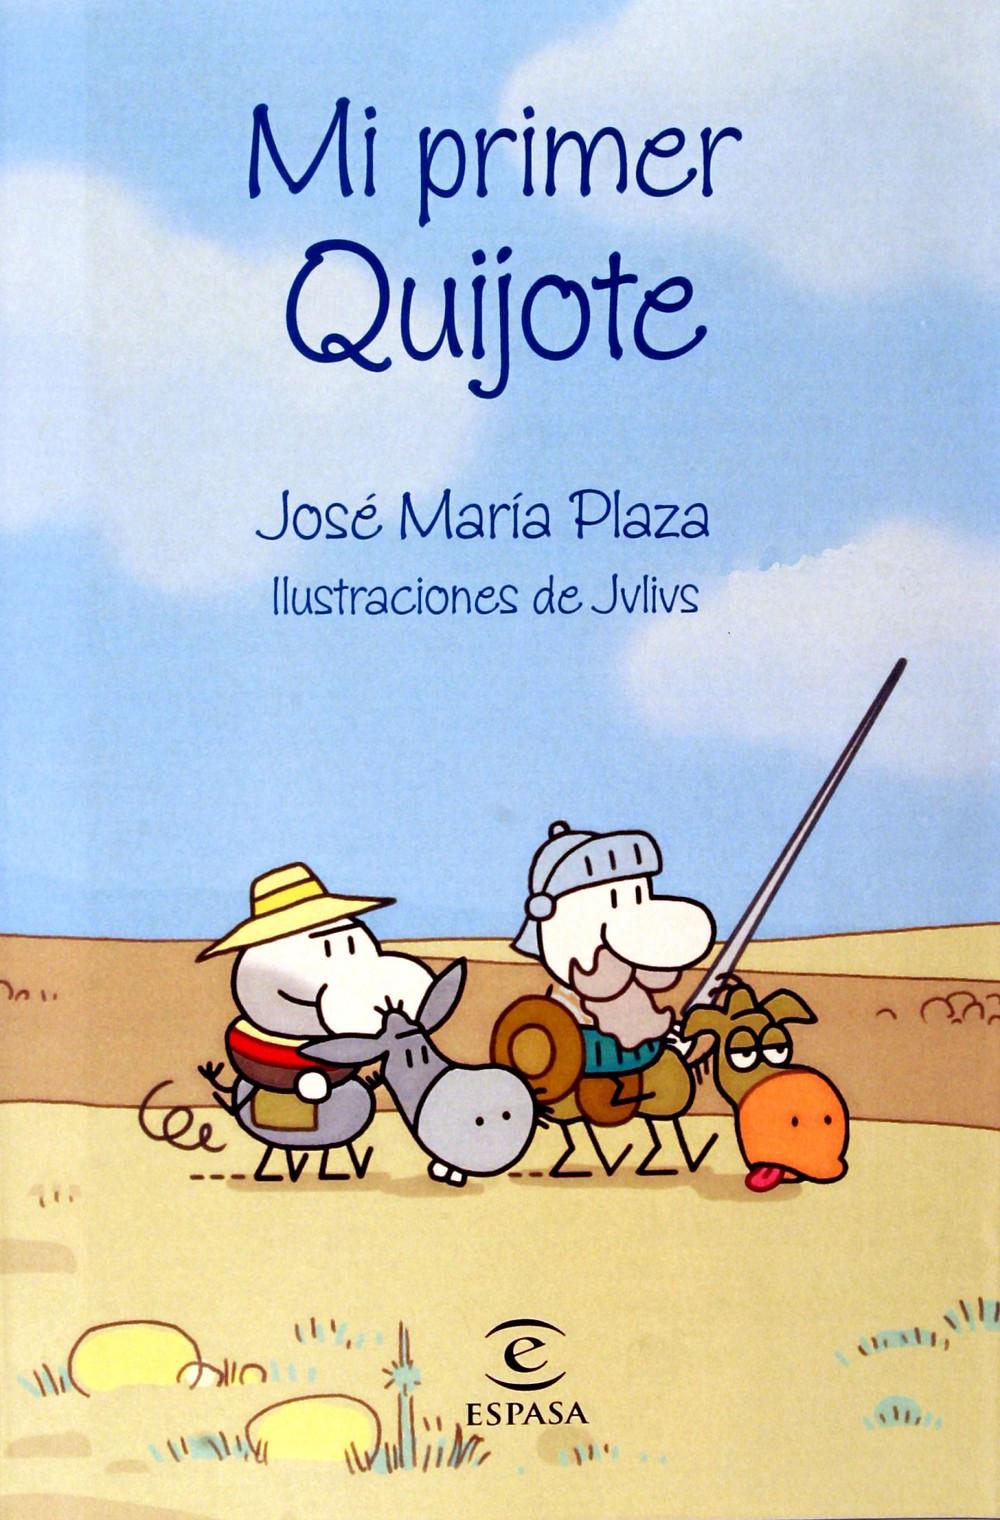 Portada del libro Mi primer Quijote de José María Plaza e ilustrado por Jvlivs.